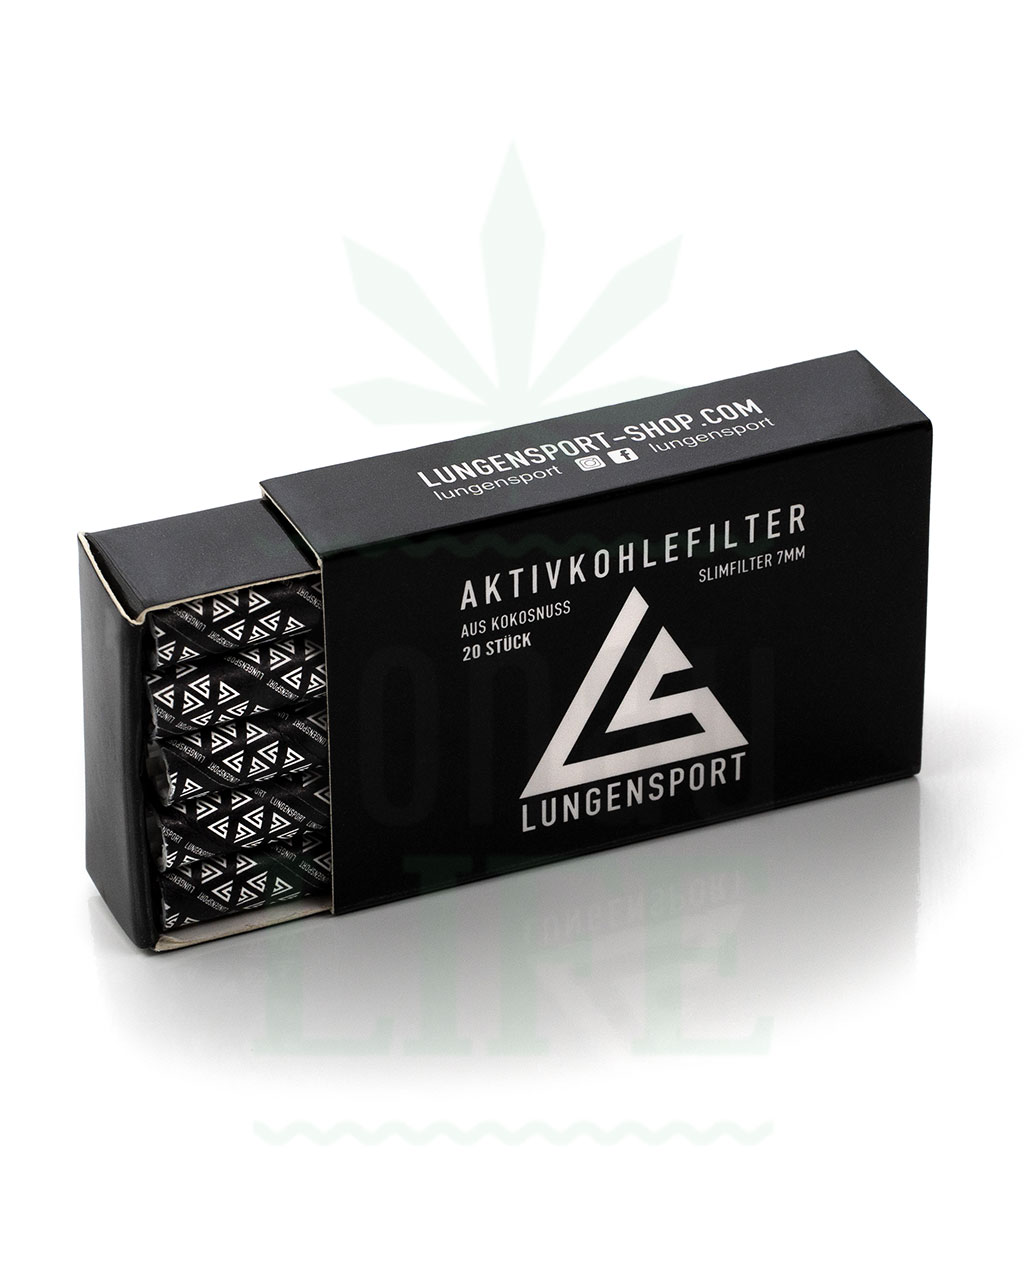 actiTube LUNGENSPORT Slim Aktivkohlefilter 200 Stück | 7 mm